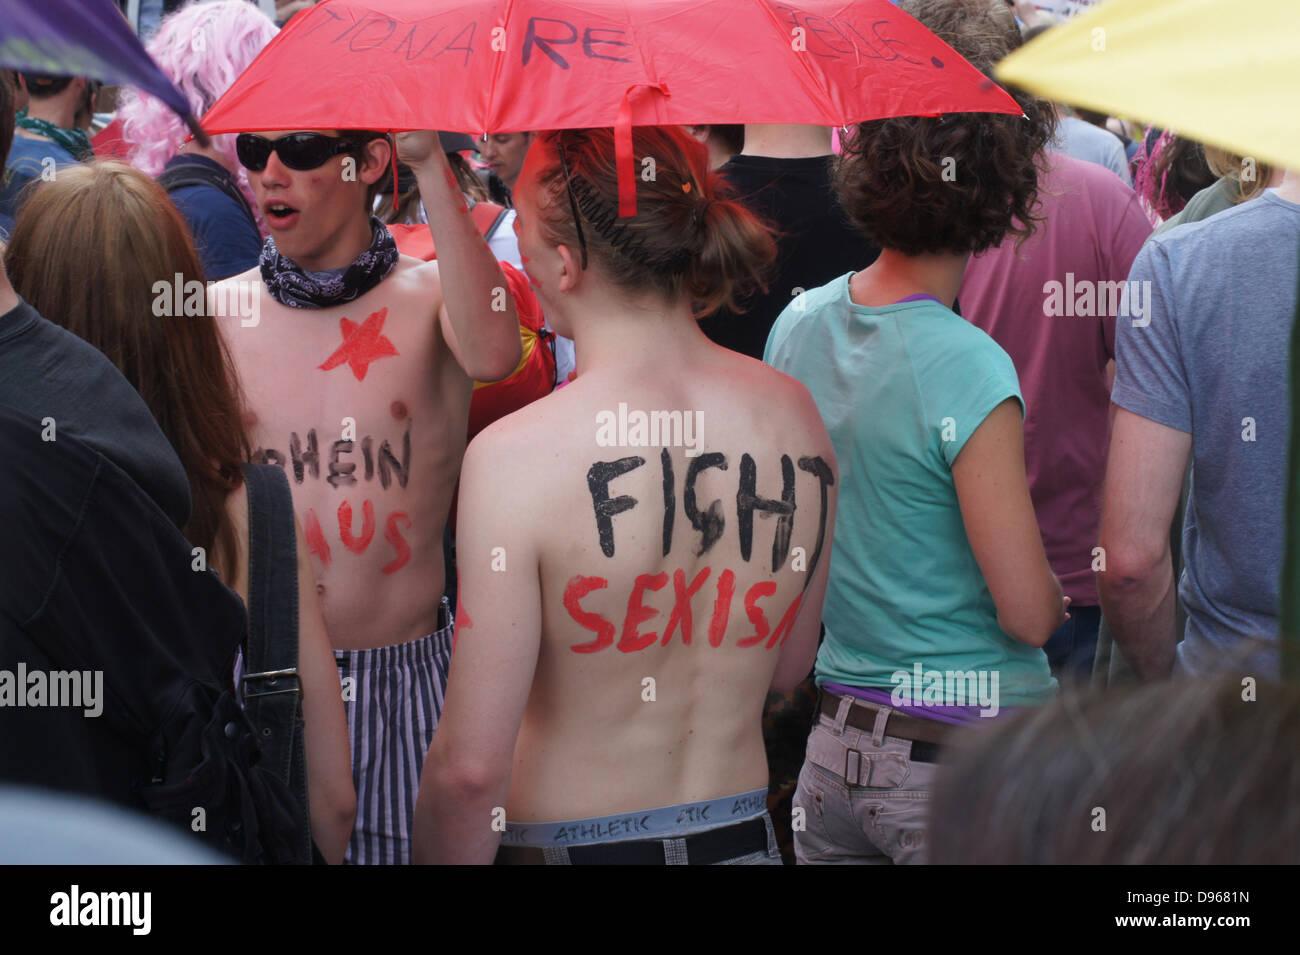 Blockupy-activistas presente su protesta en nacked parte superior del cuerpo Imagen De Stock